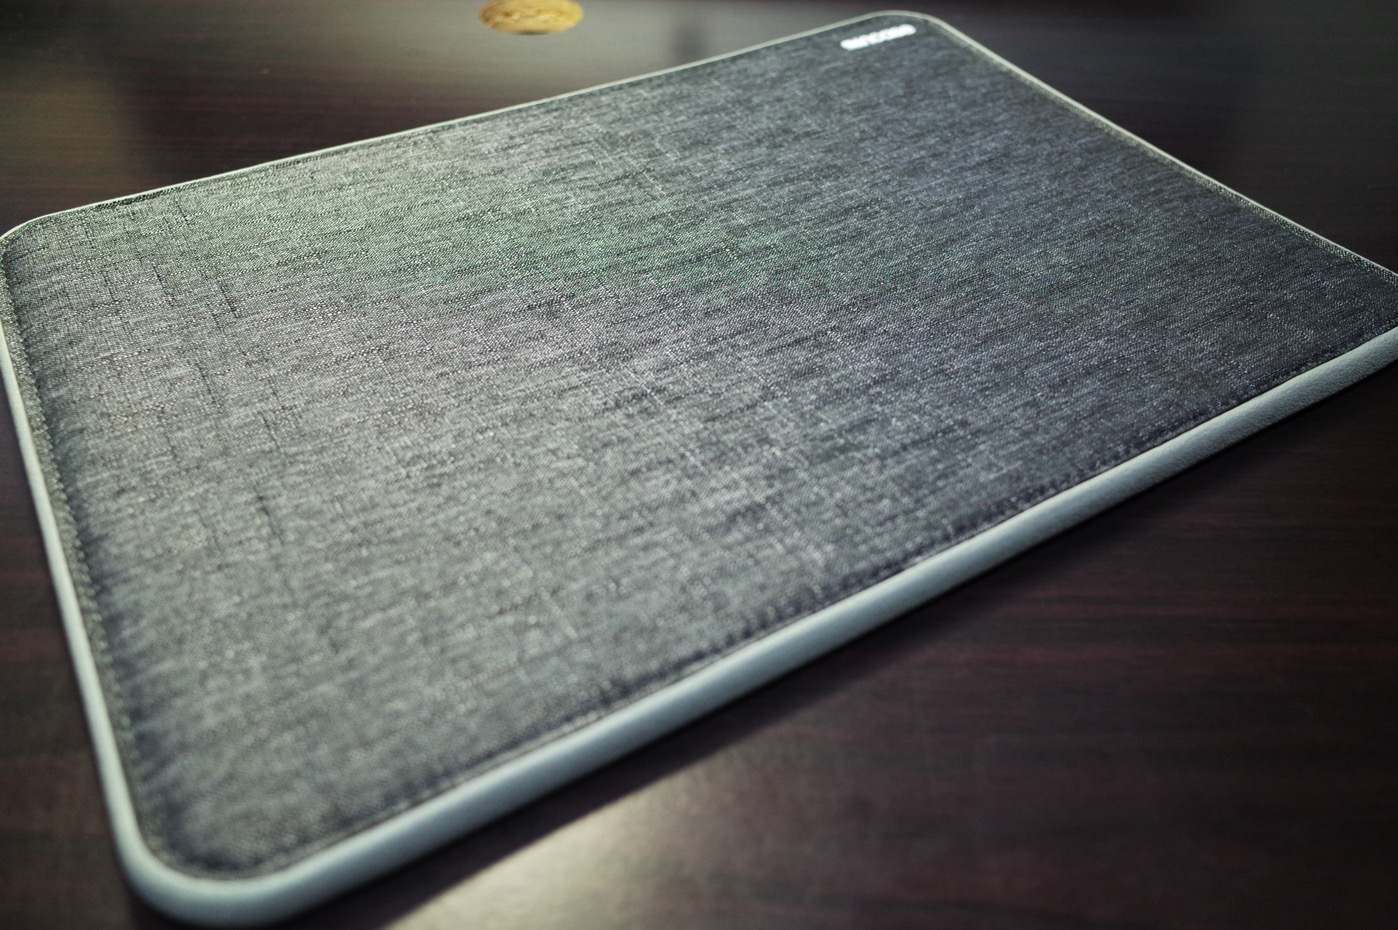 「Incase ICON sleeve for MacBook Pro」